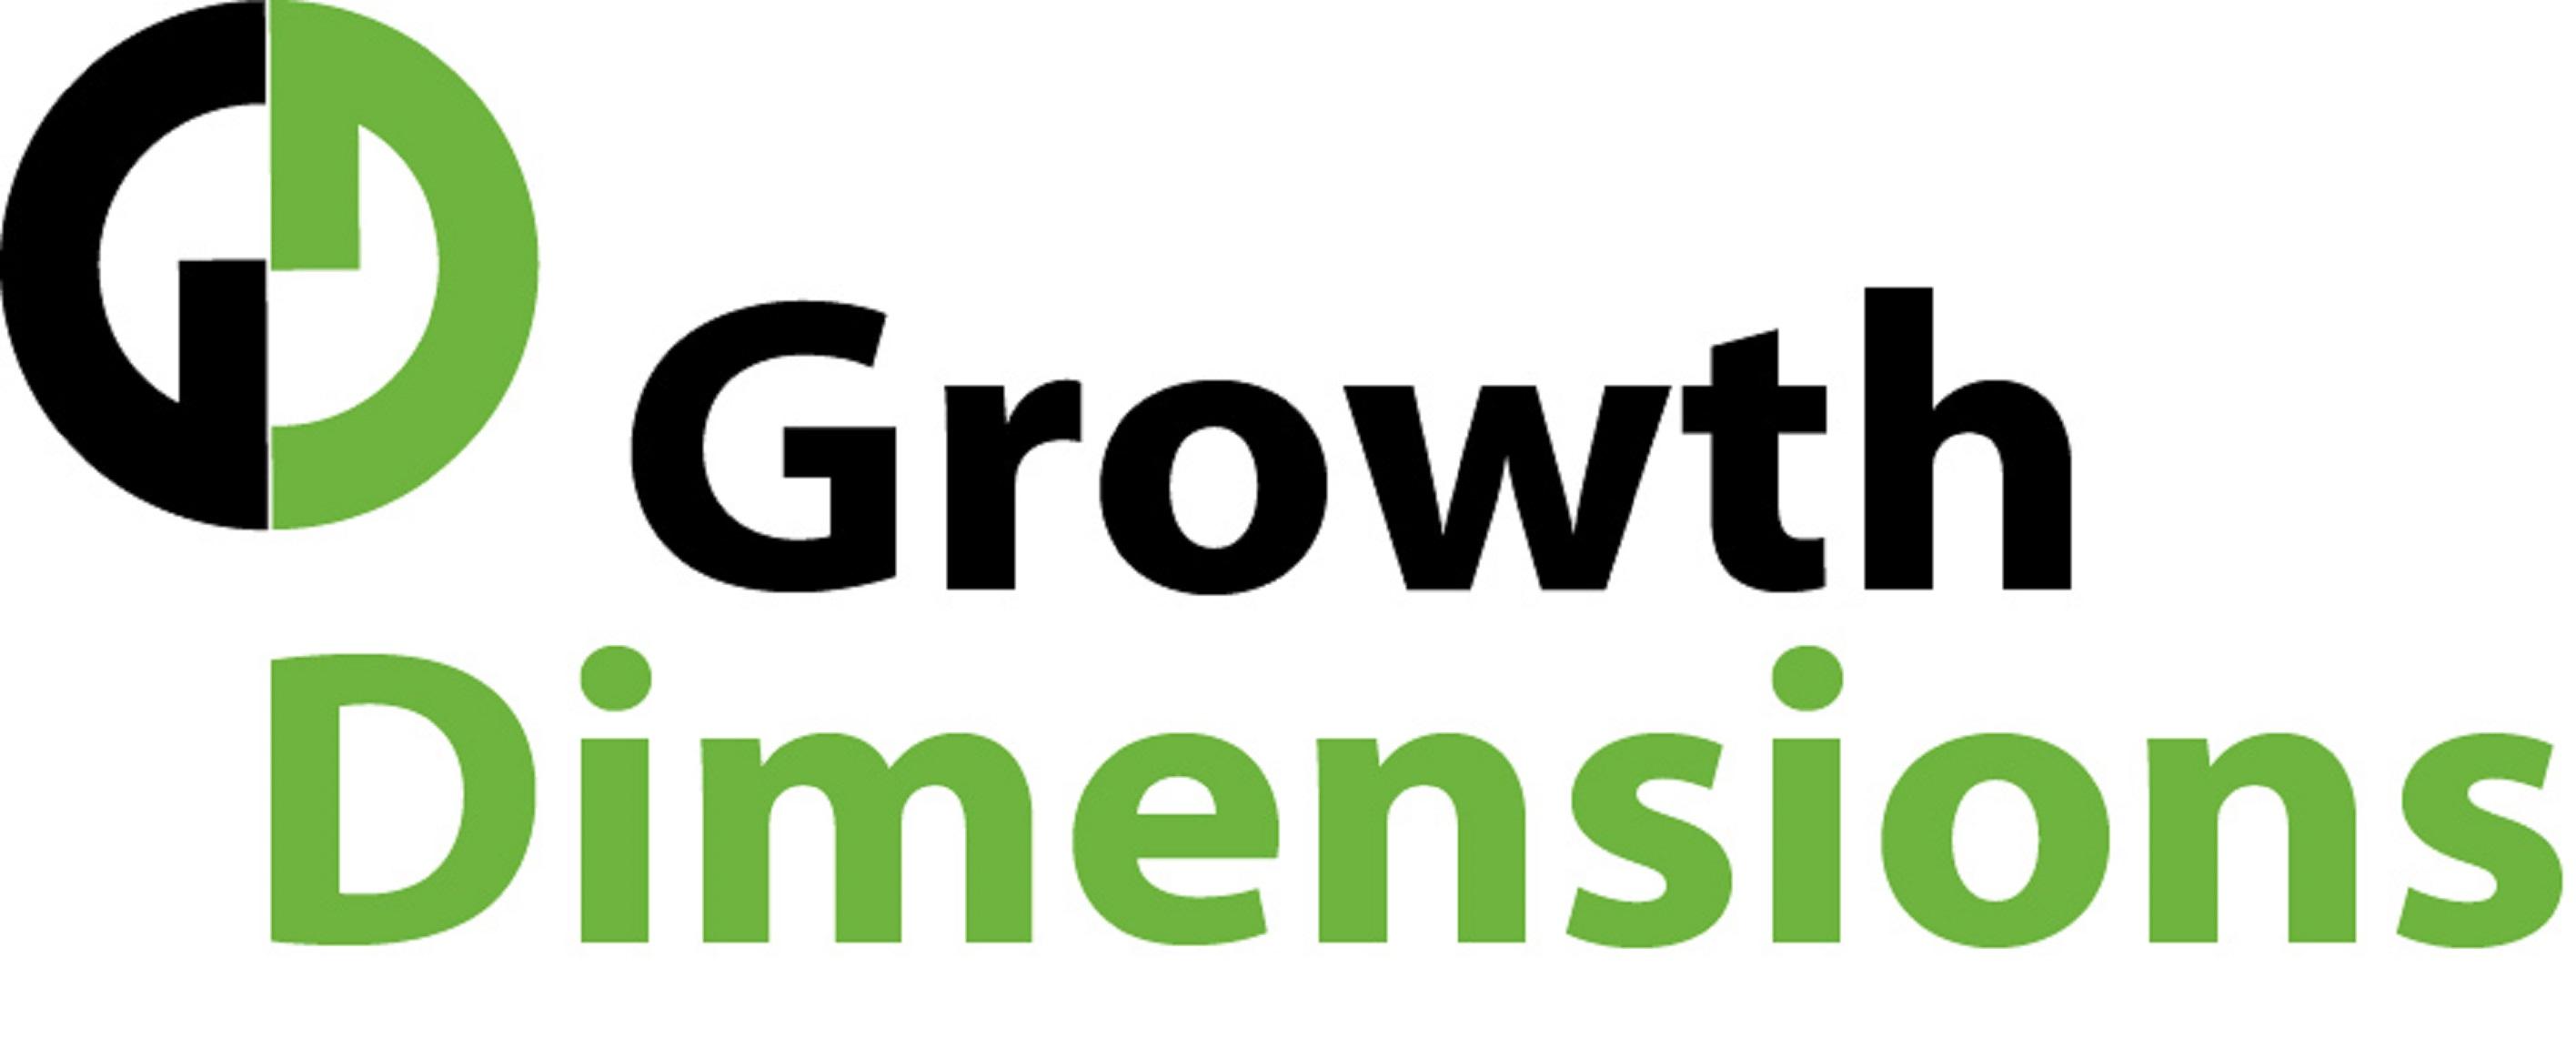 growth dimension logo